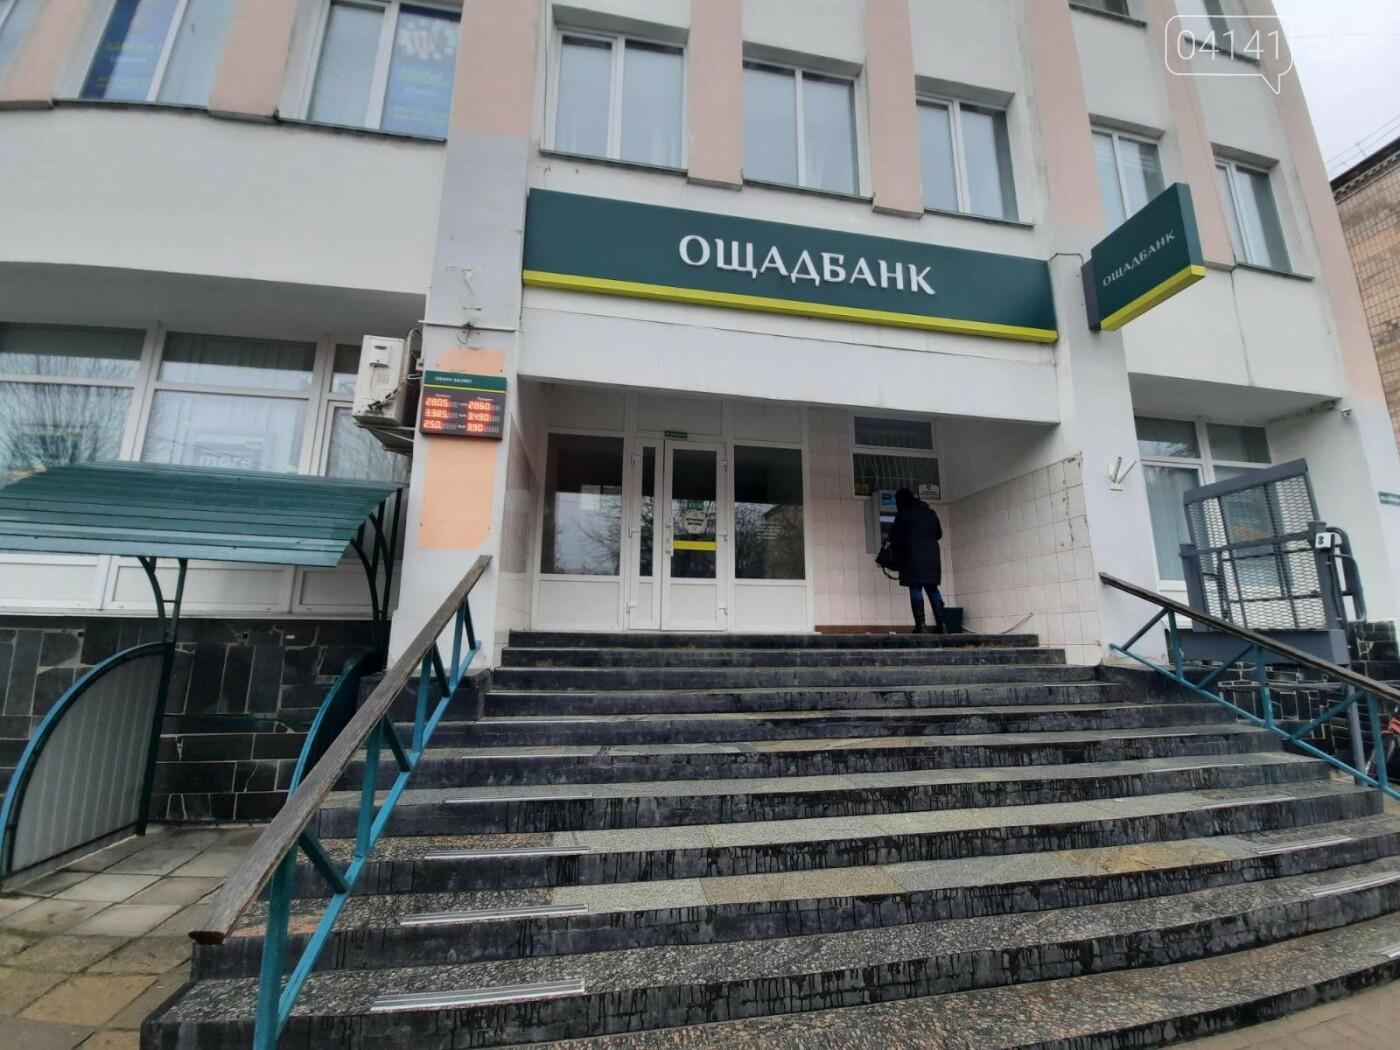 Доступ людей з інвалідністю полегшиться: У Новограді банк встановлює пандус - електропідіймач, фото-1